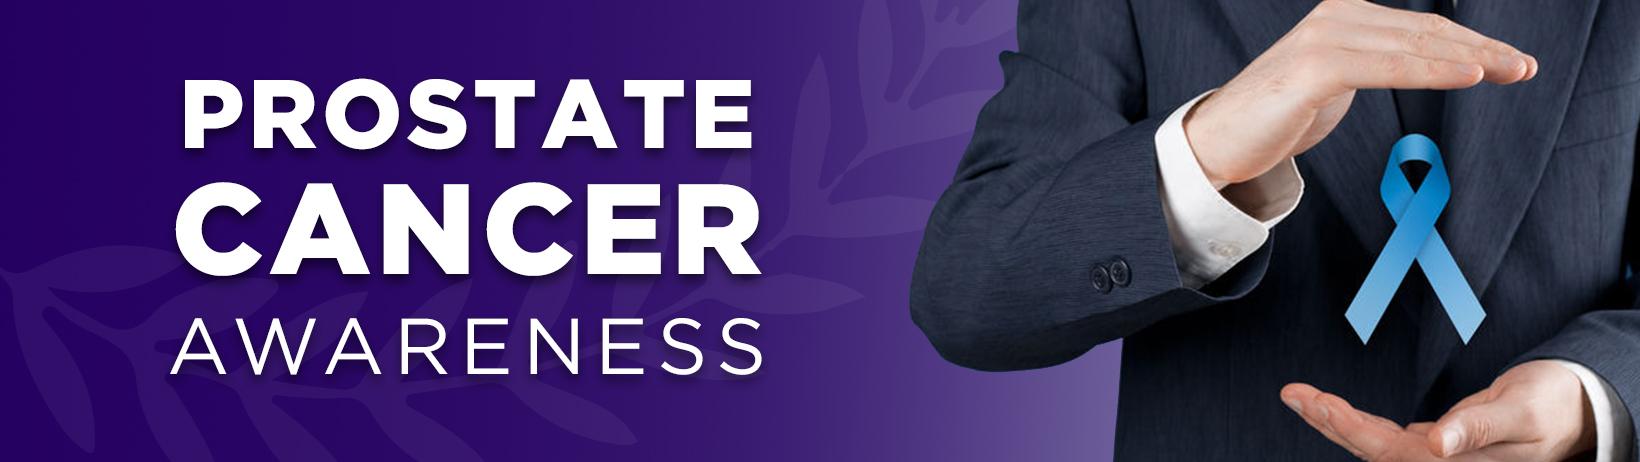 Galen-Prostate-Cancer-1640x462-210601